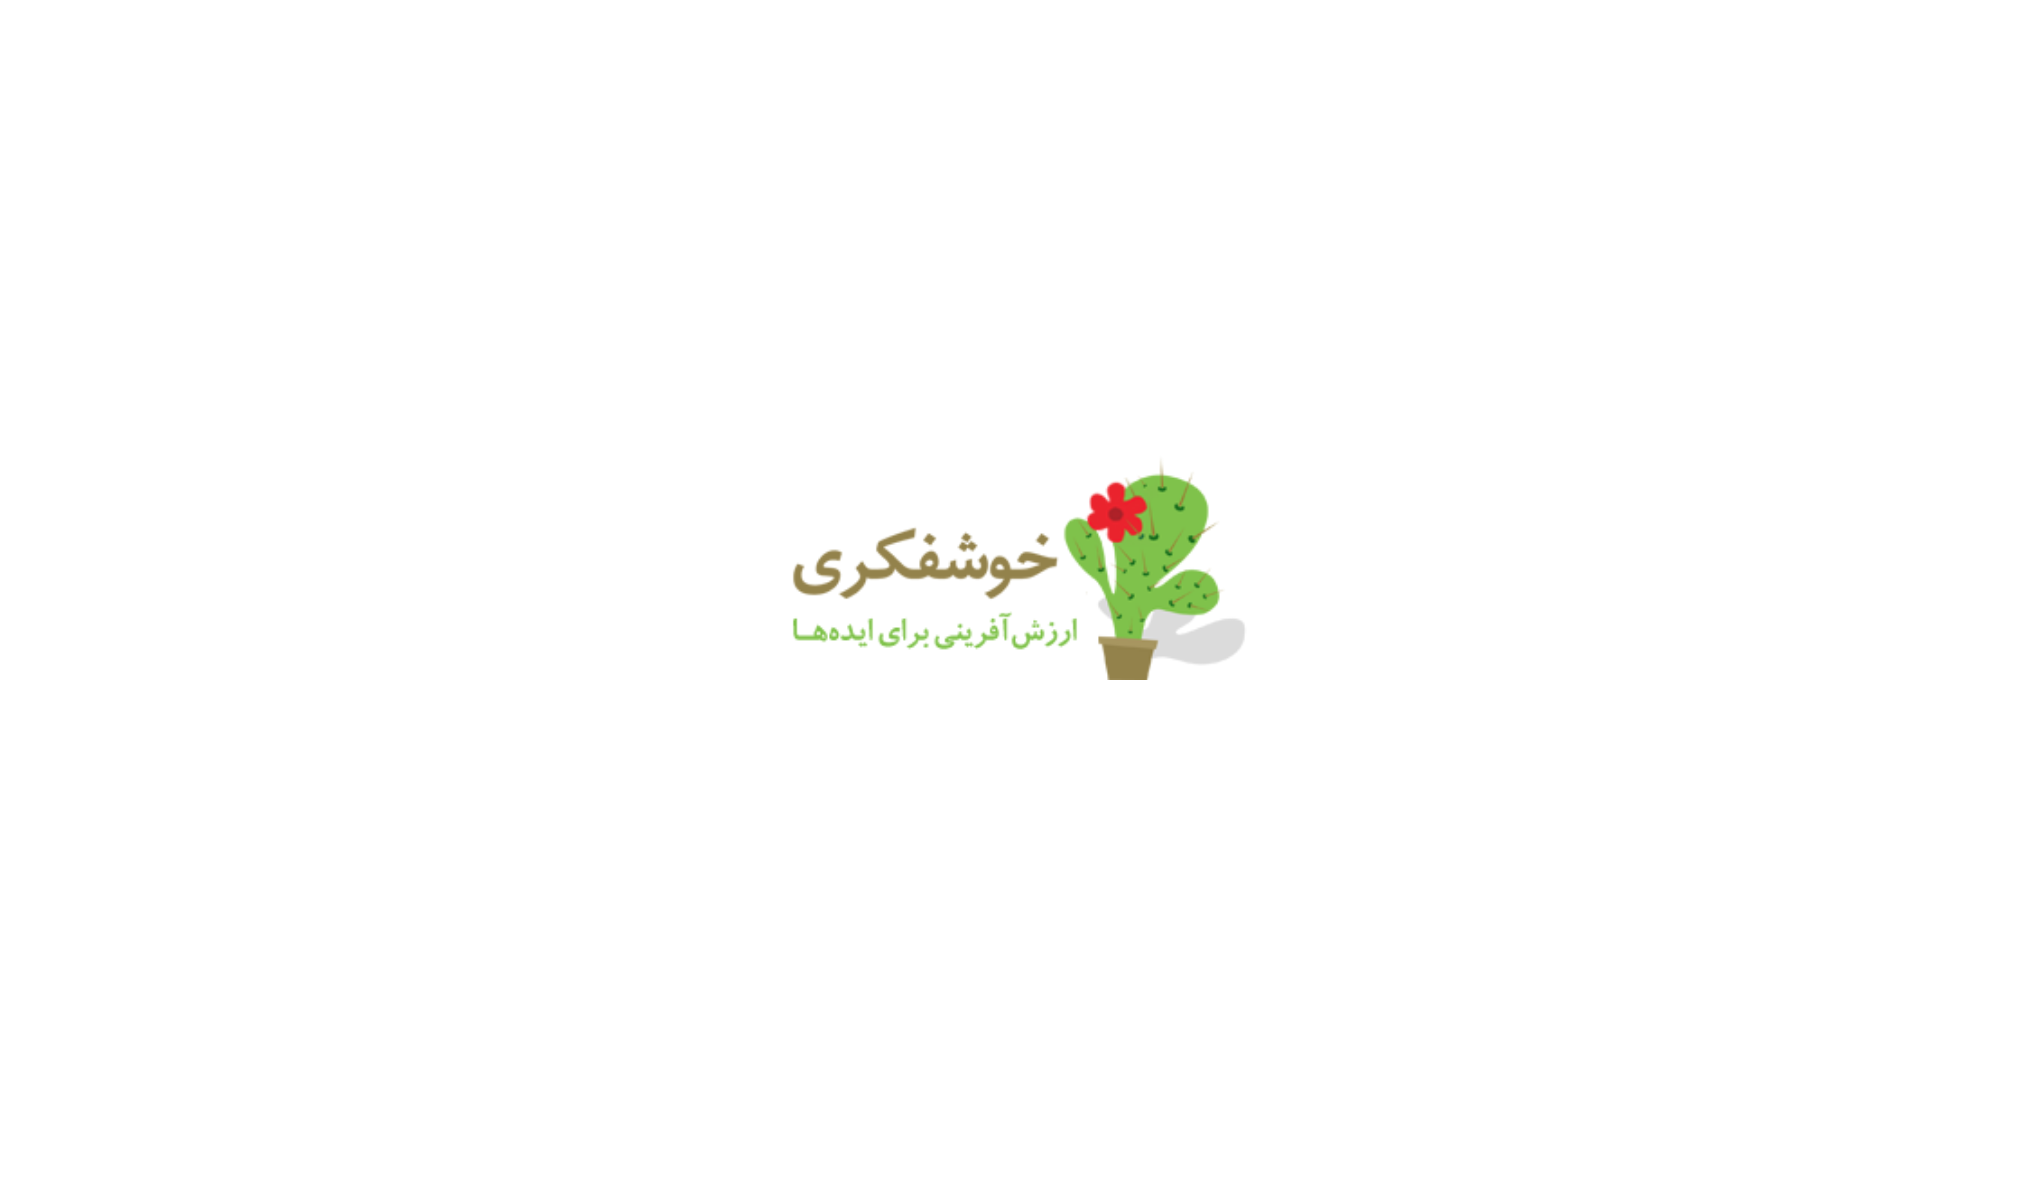 خوشفکری و عشق نه ساله به وبلاگستان